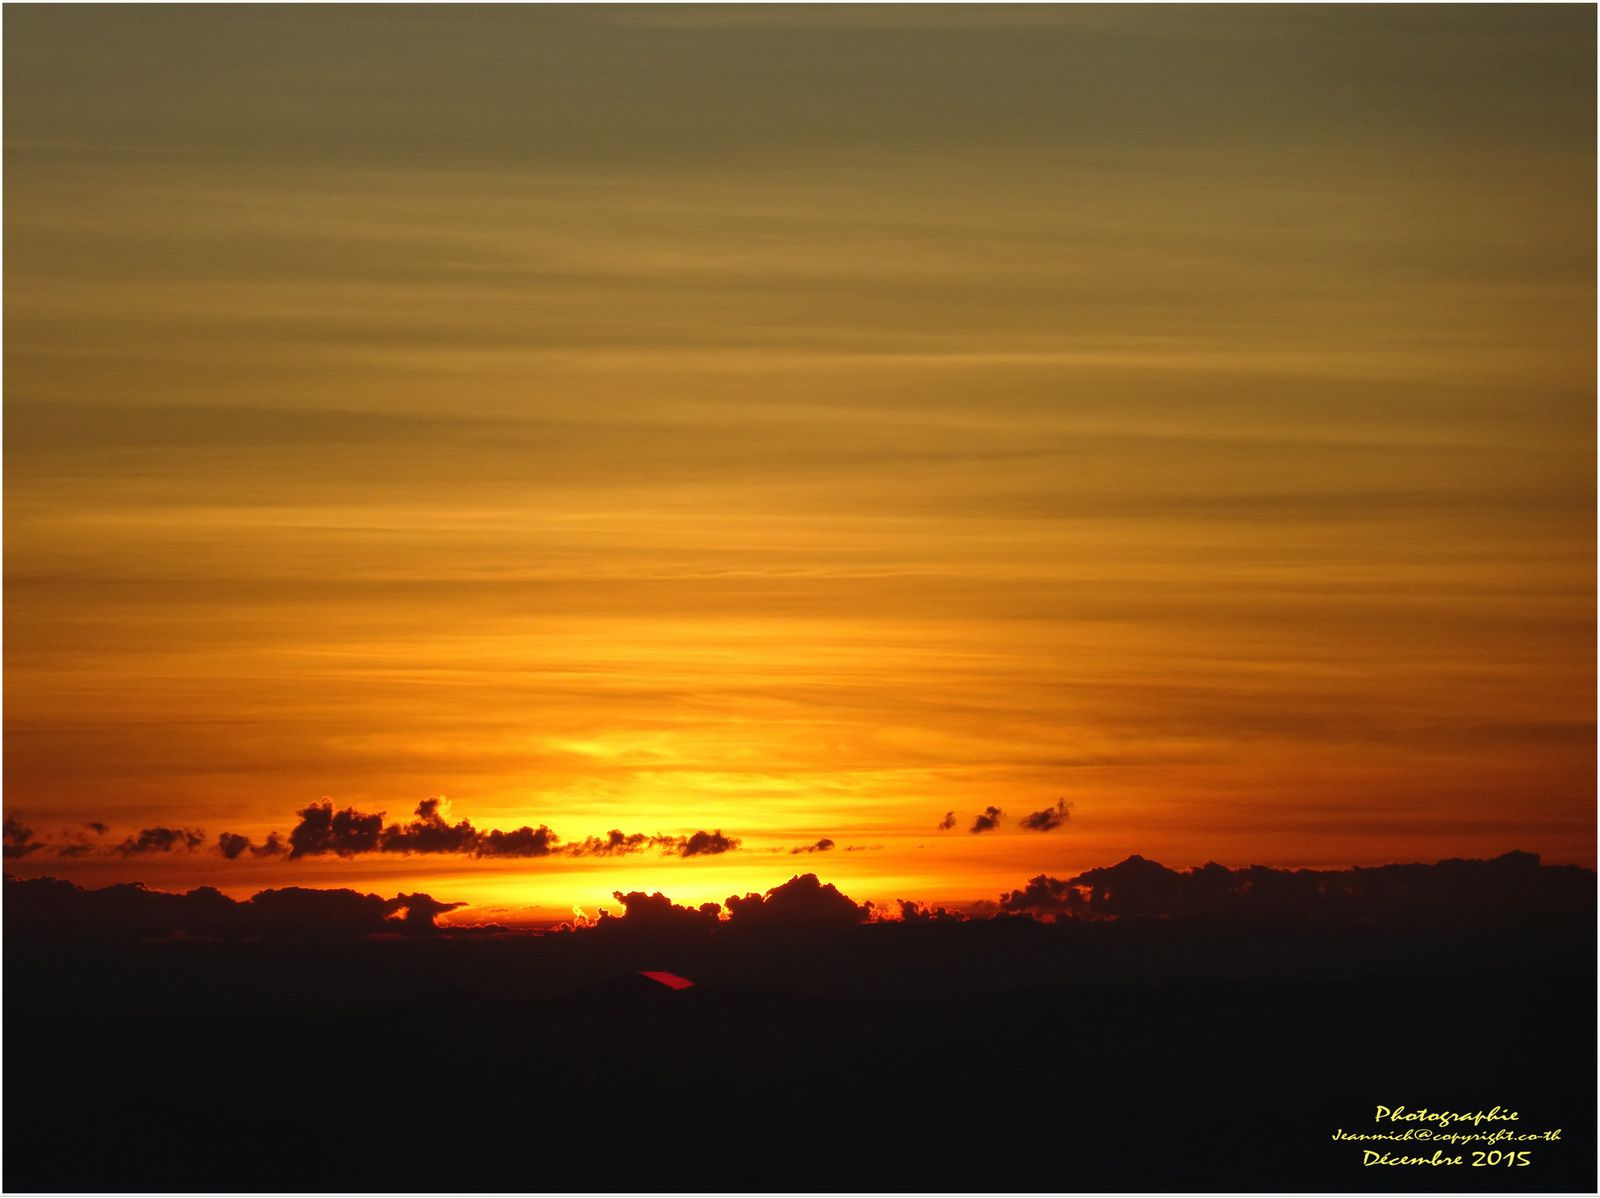 Phu Thap Boek (ภูทับเบิก) au lever du soleil.